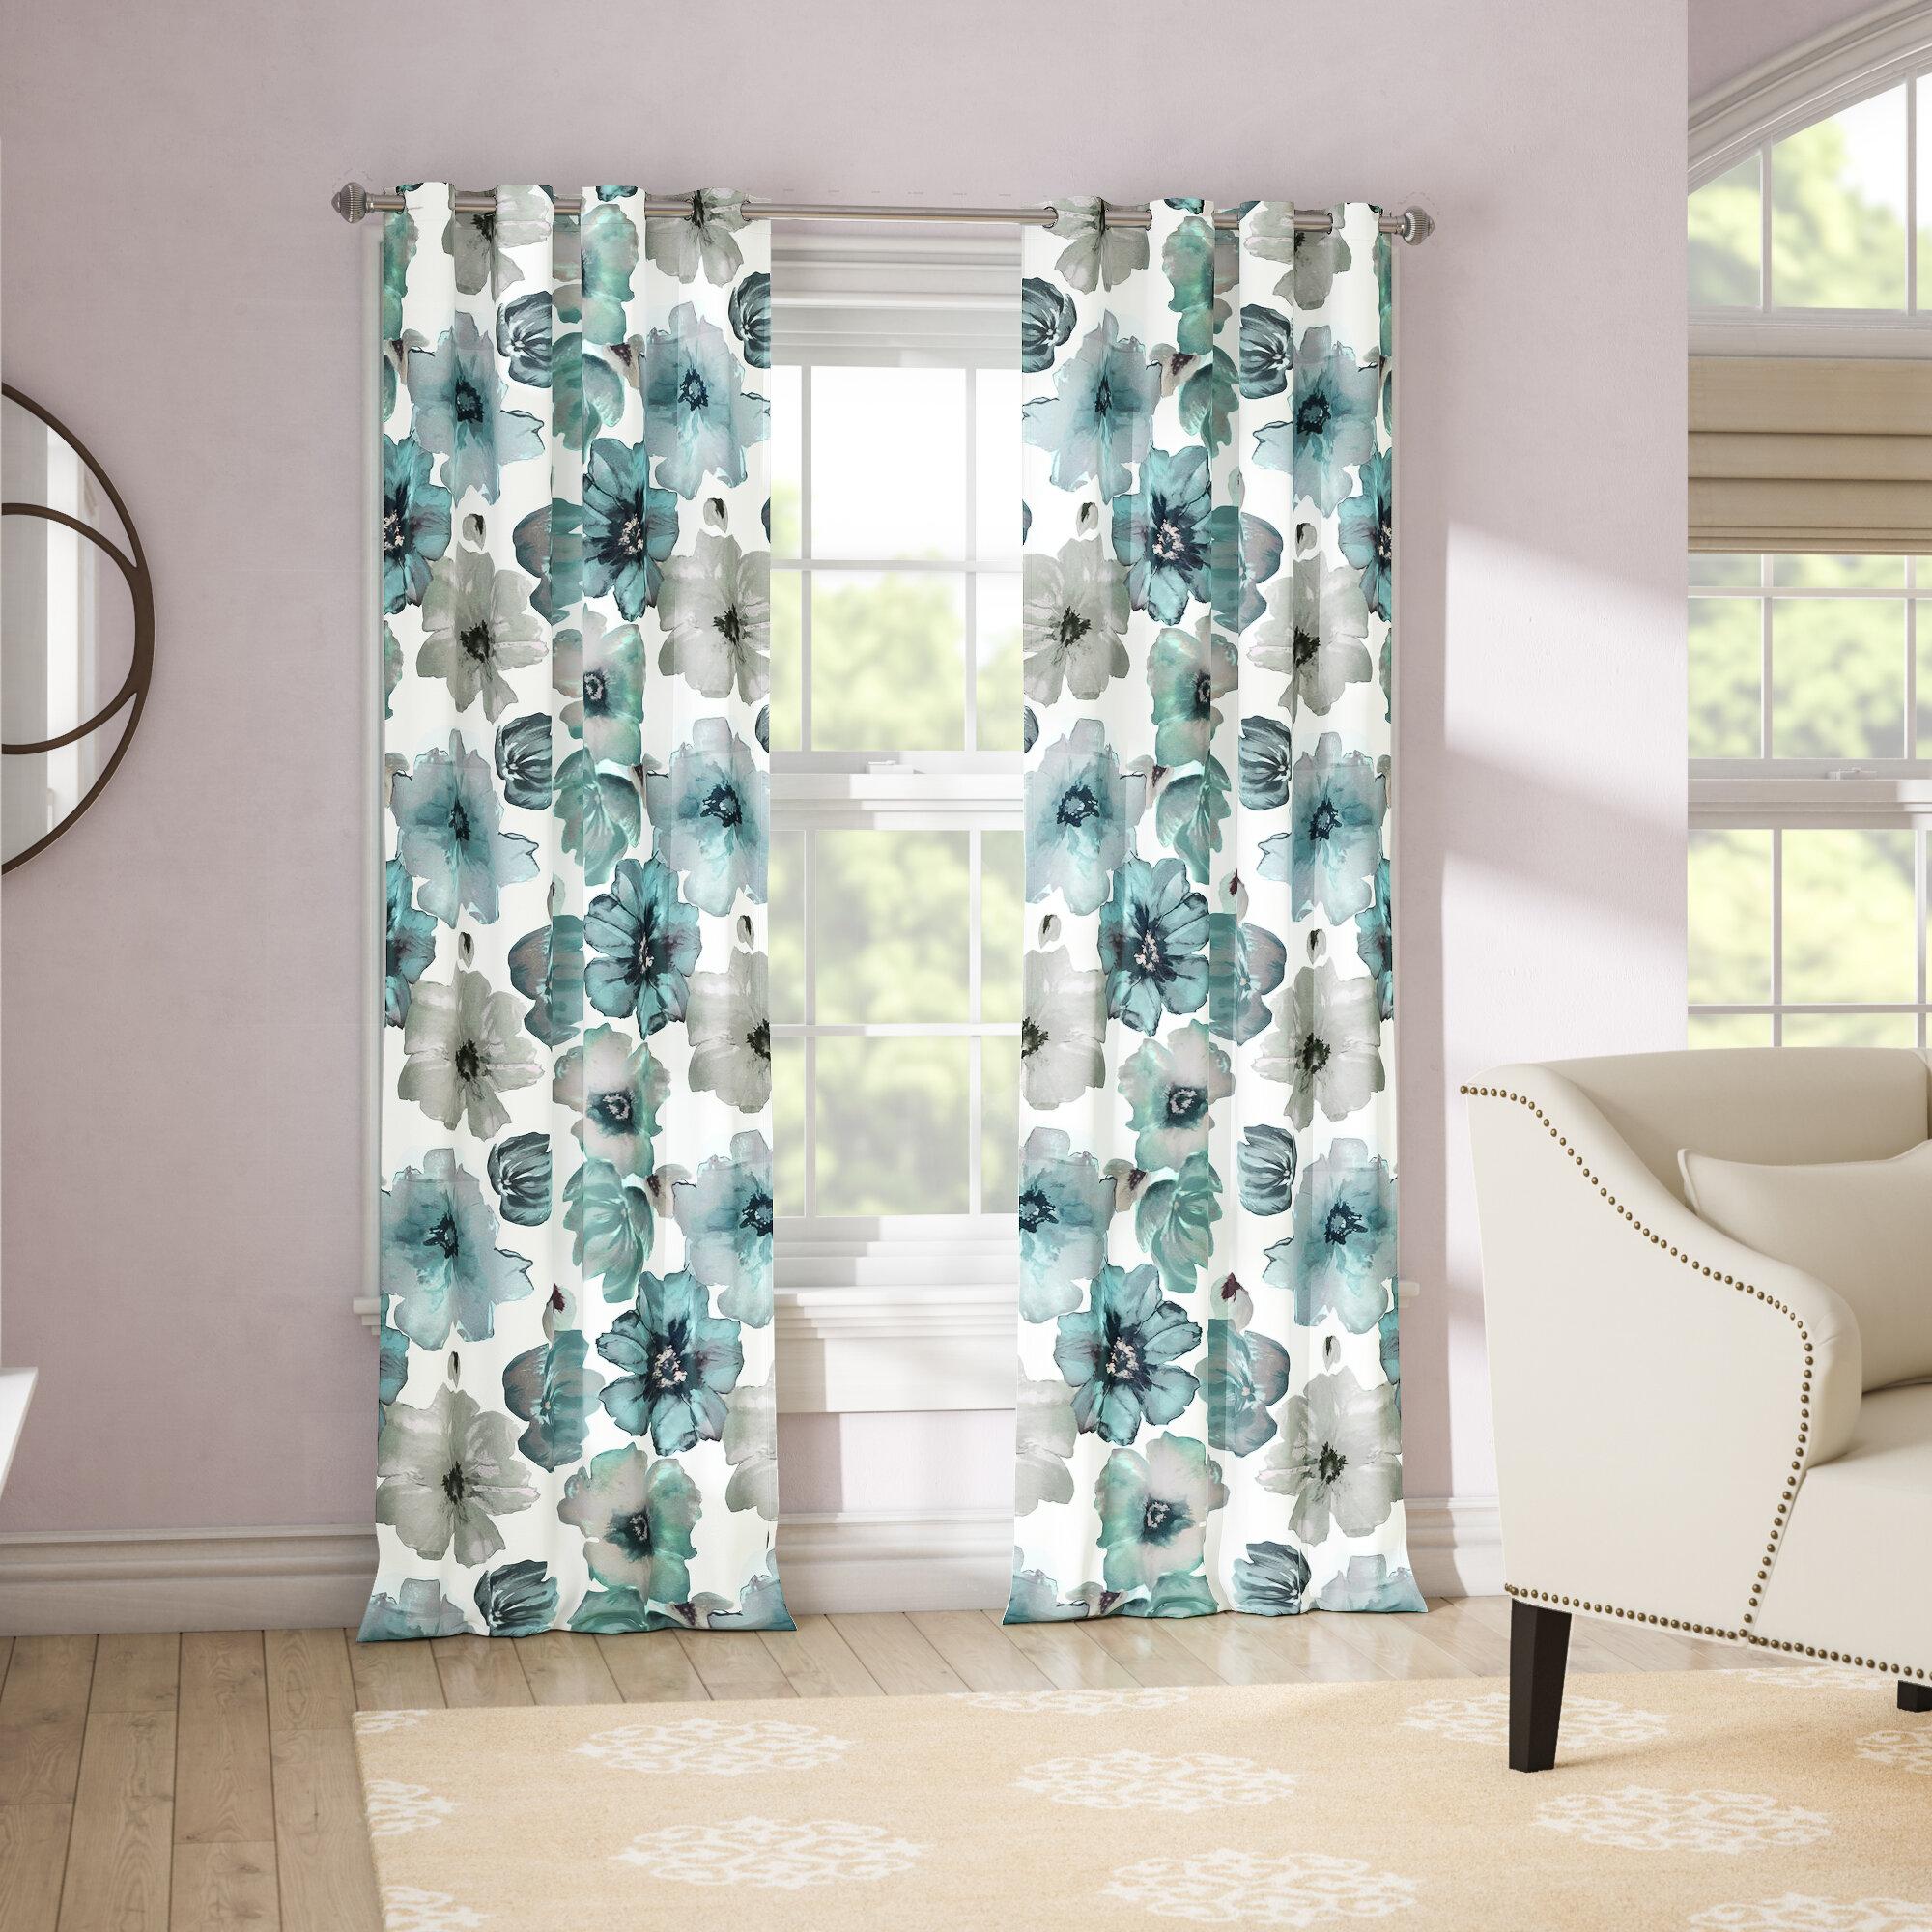 August Grove Sikora Floral Room Darkening Thermal Grommet Curtain Panels Reviews Wayfair